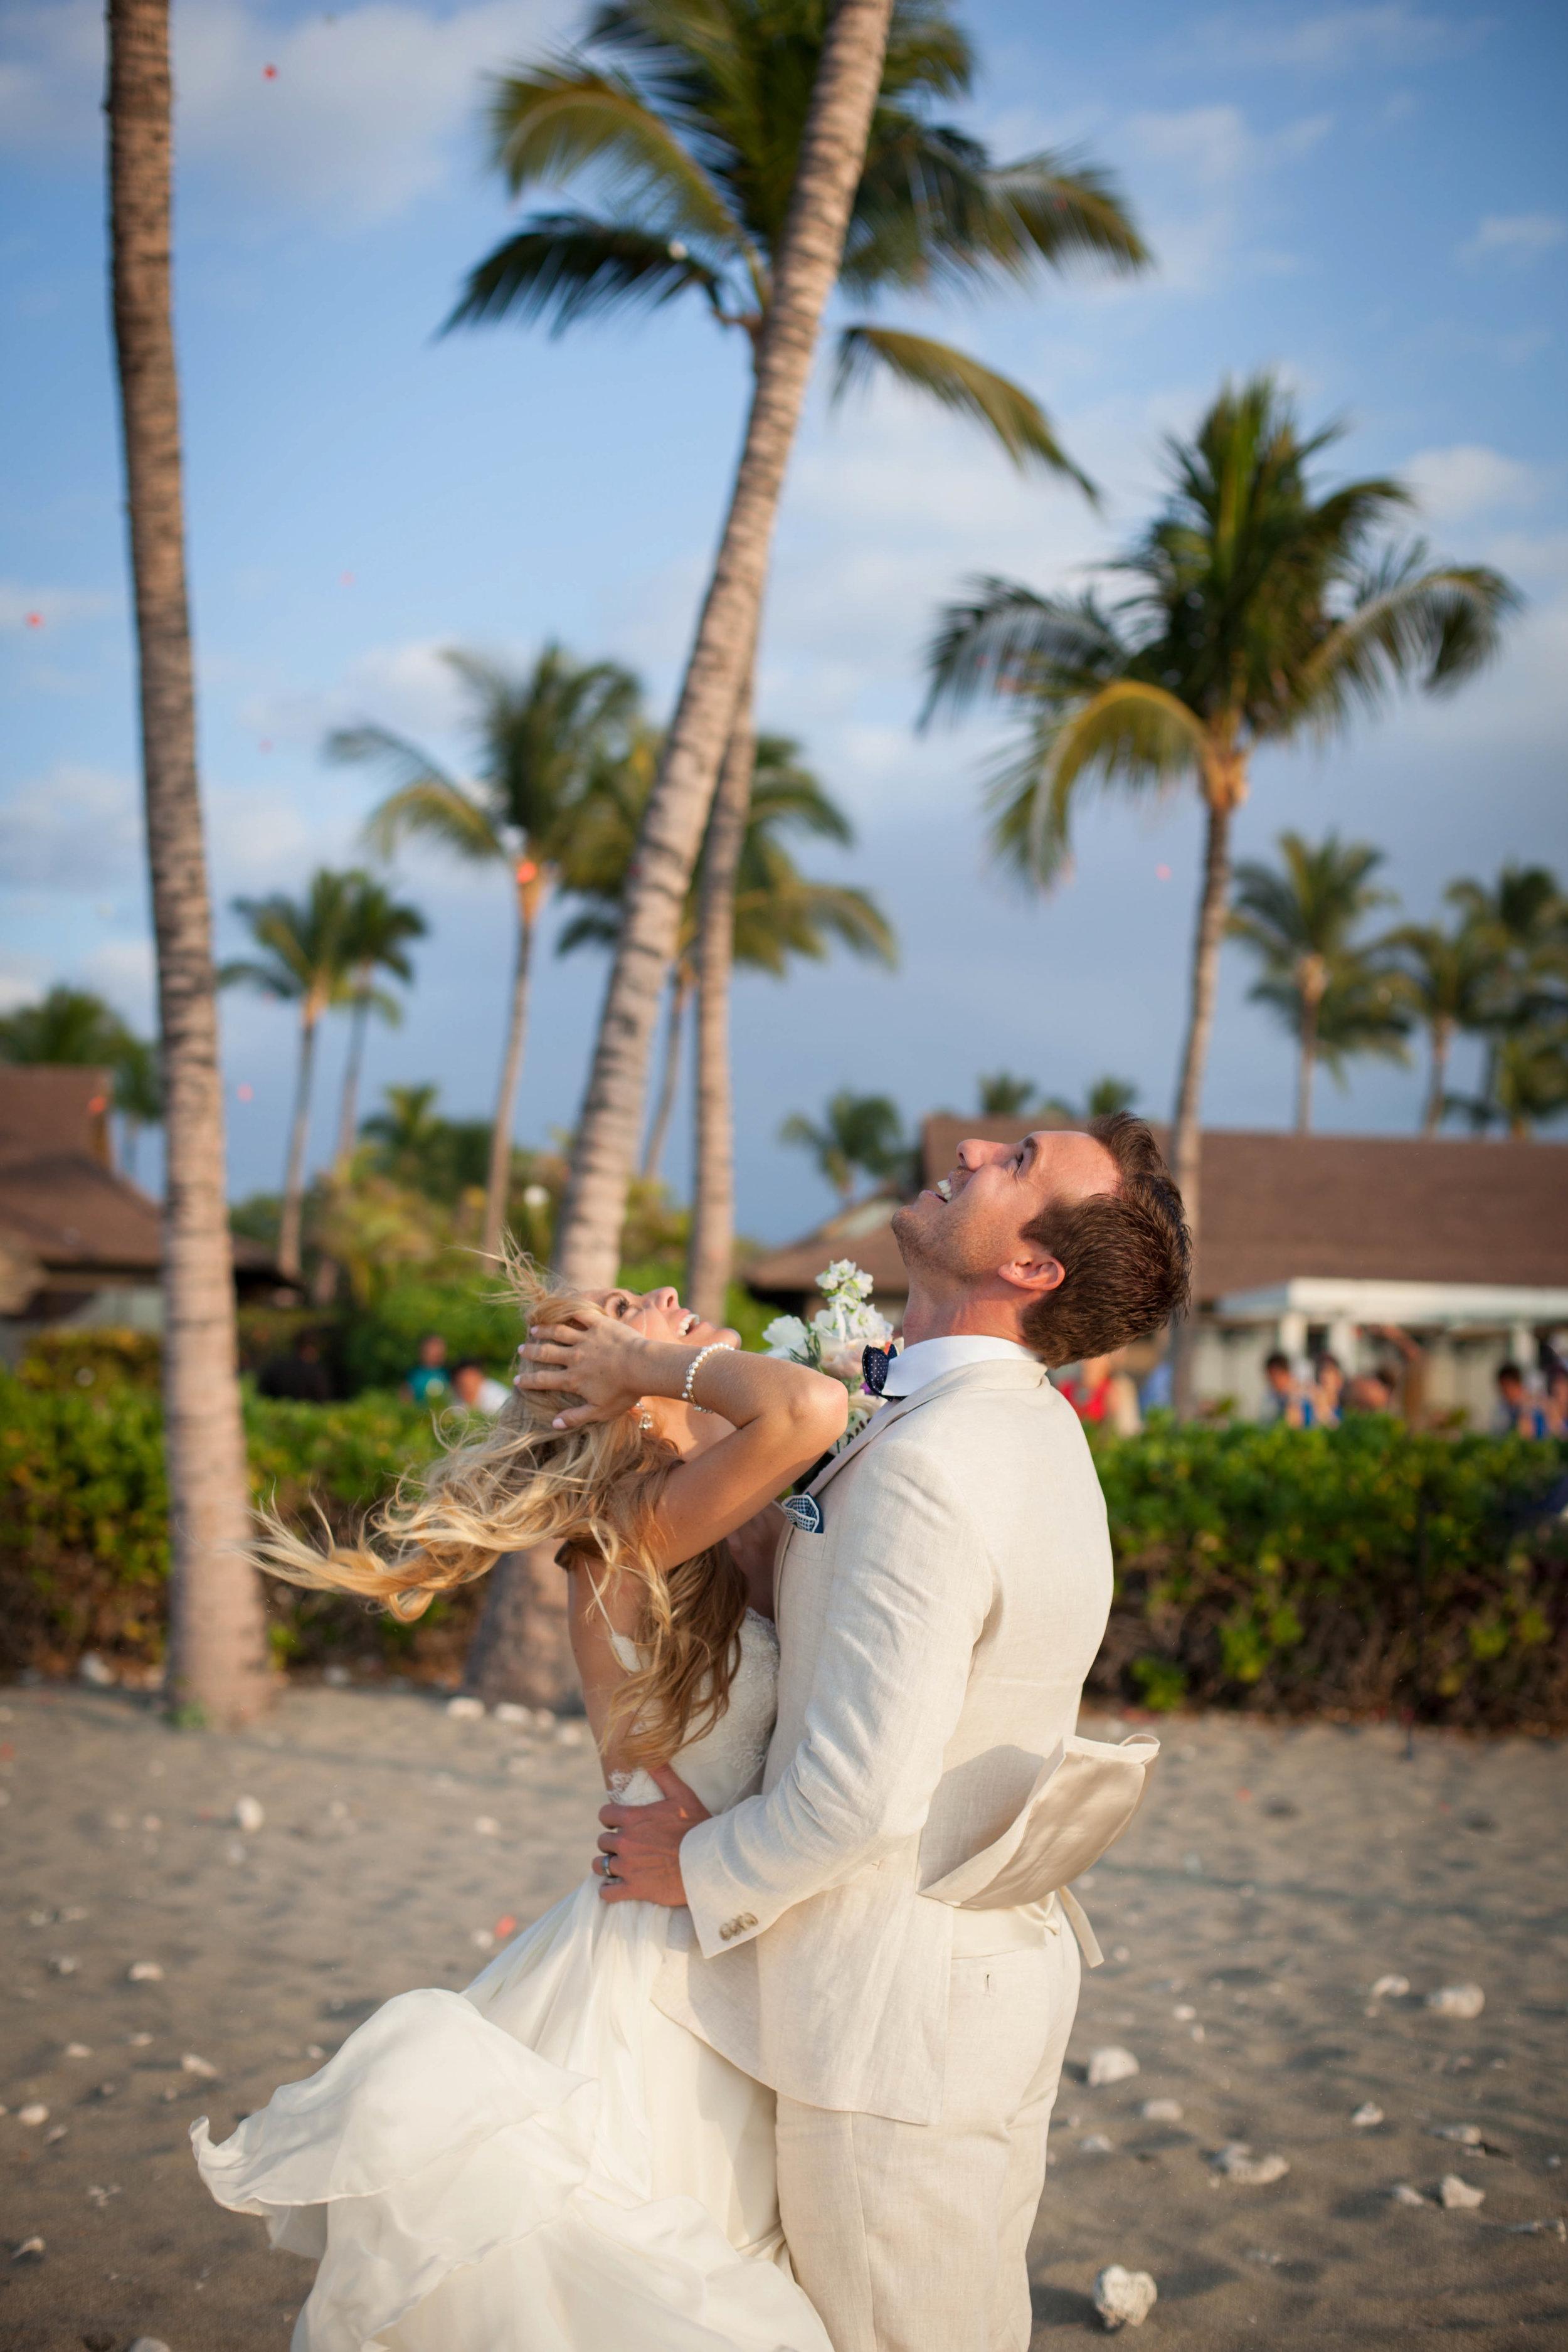 big island hawaii mauna lani resort wedding © kelilina photography 20160131171907-1.jpg